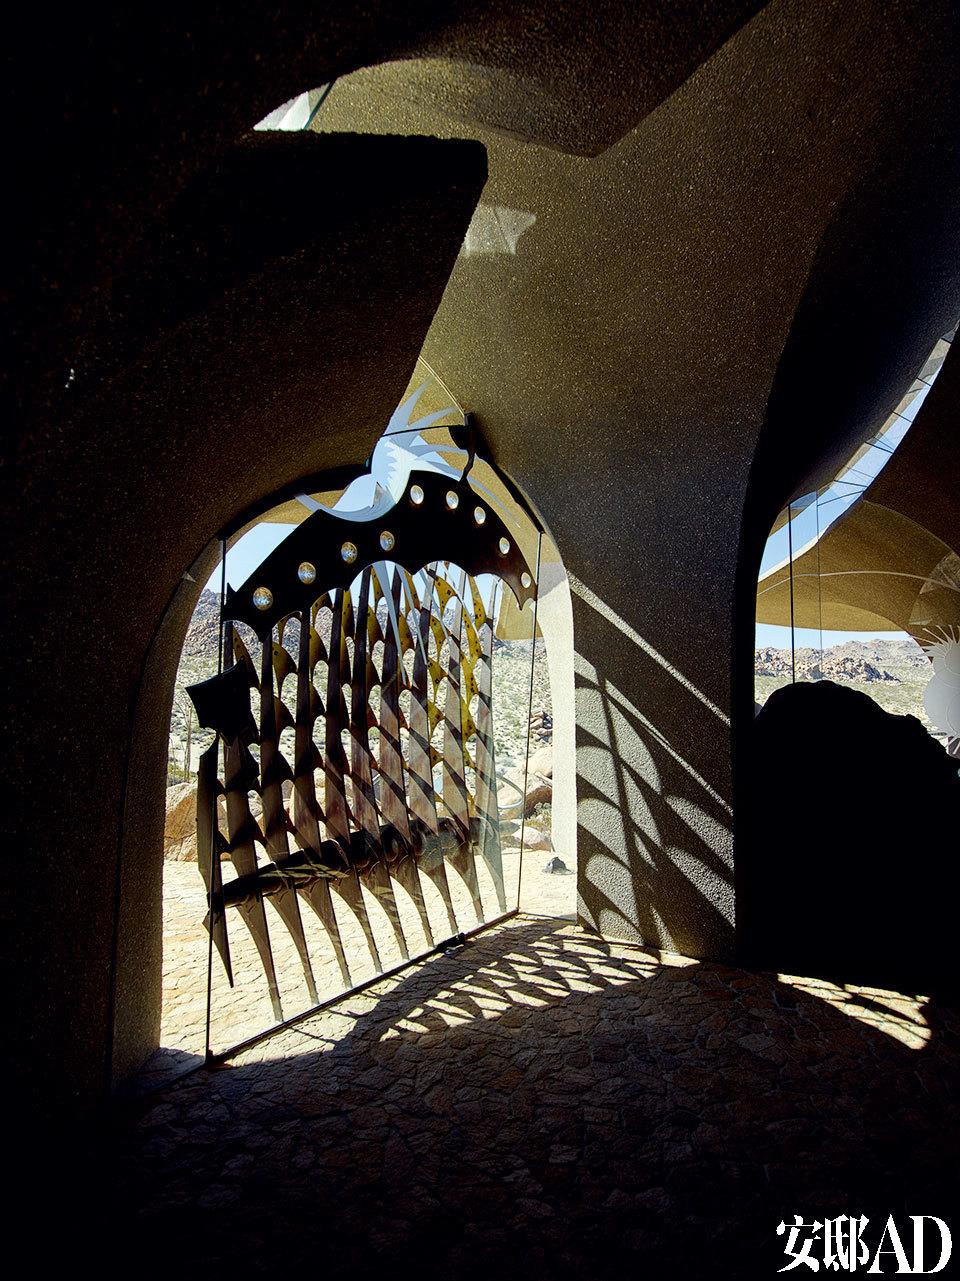 """小屋恢弘壮观,充满神秘感和艺术感,图为骨骼式样的仿吊闸门。""""就这样一头跳下'了悬崖',边坠落,边想着怎么给自己装'上翅膀' """"。主人如此描述这栋房子的艰难的建造历程。"""